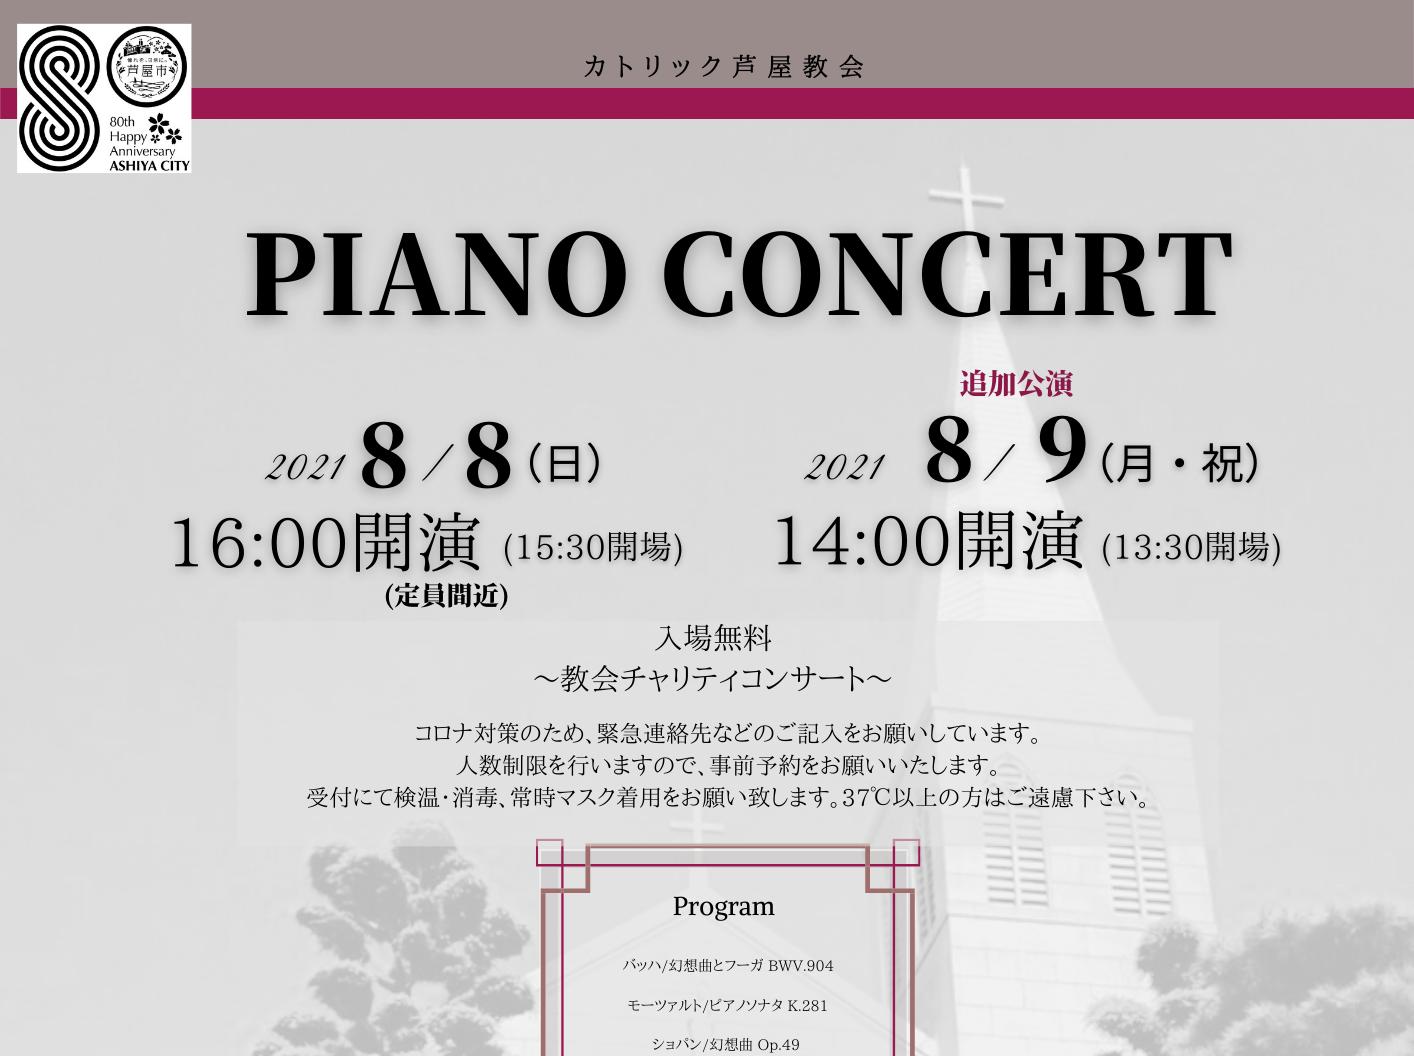 【追加公演決定!!】2021年8月8日+9日 <br/>カトリック芦屋教会 井関 花 ピアノコンサート 開催